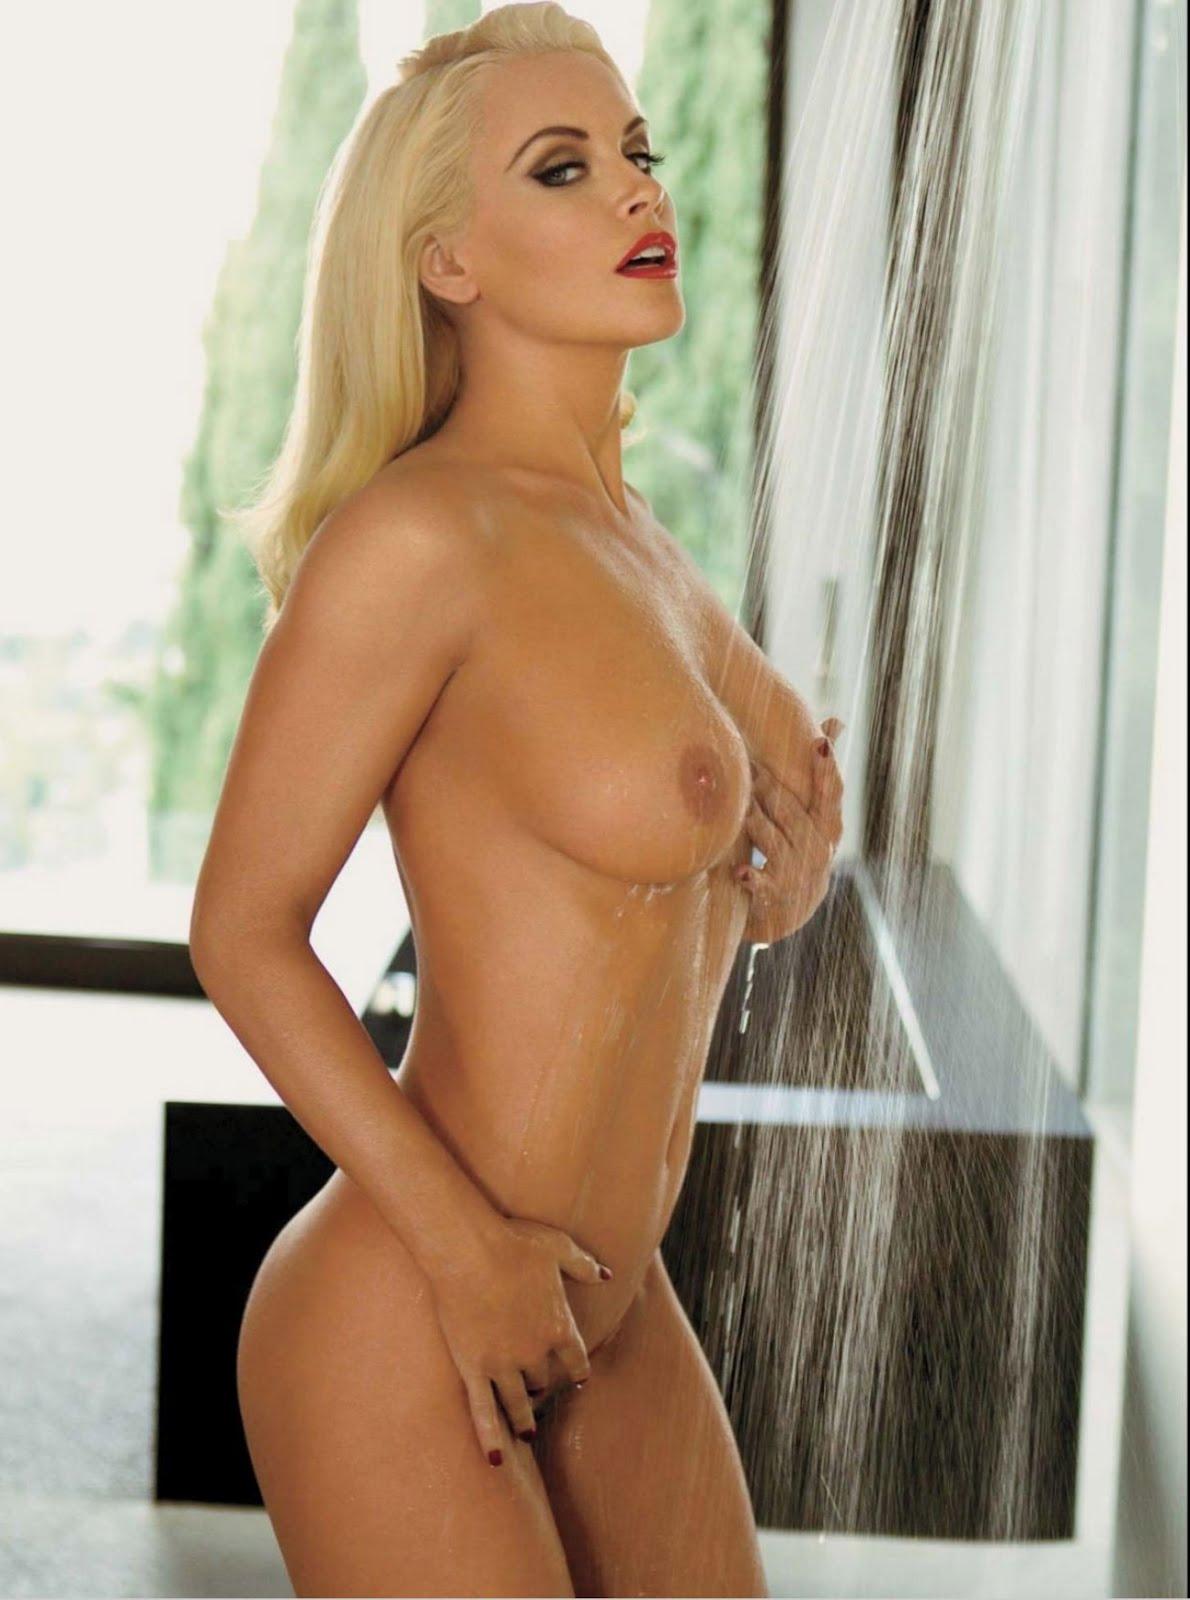 http://2.bp.blogspot.com/-p8PQdORnzeM/T_FQz6S3OkI/AAAAAAAAA7c/oHKPw_ID1q8/s1600/Jenny%2BMcCarthy%2BPlayboy%2B2012%2B%25285%2529.jpg